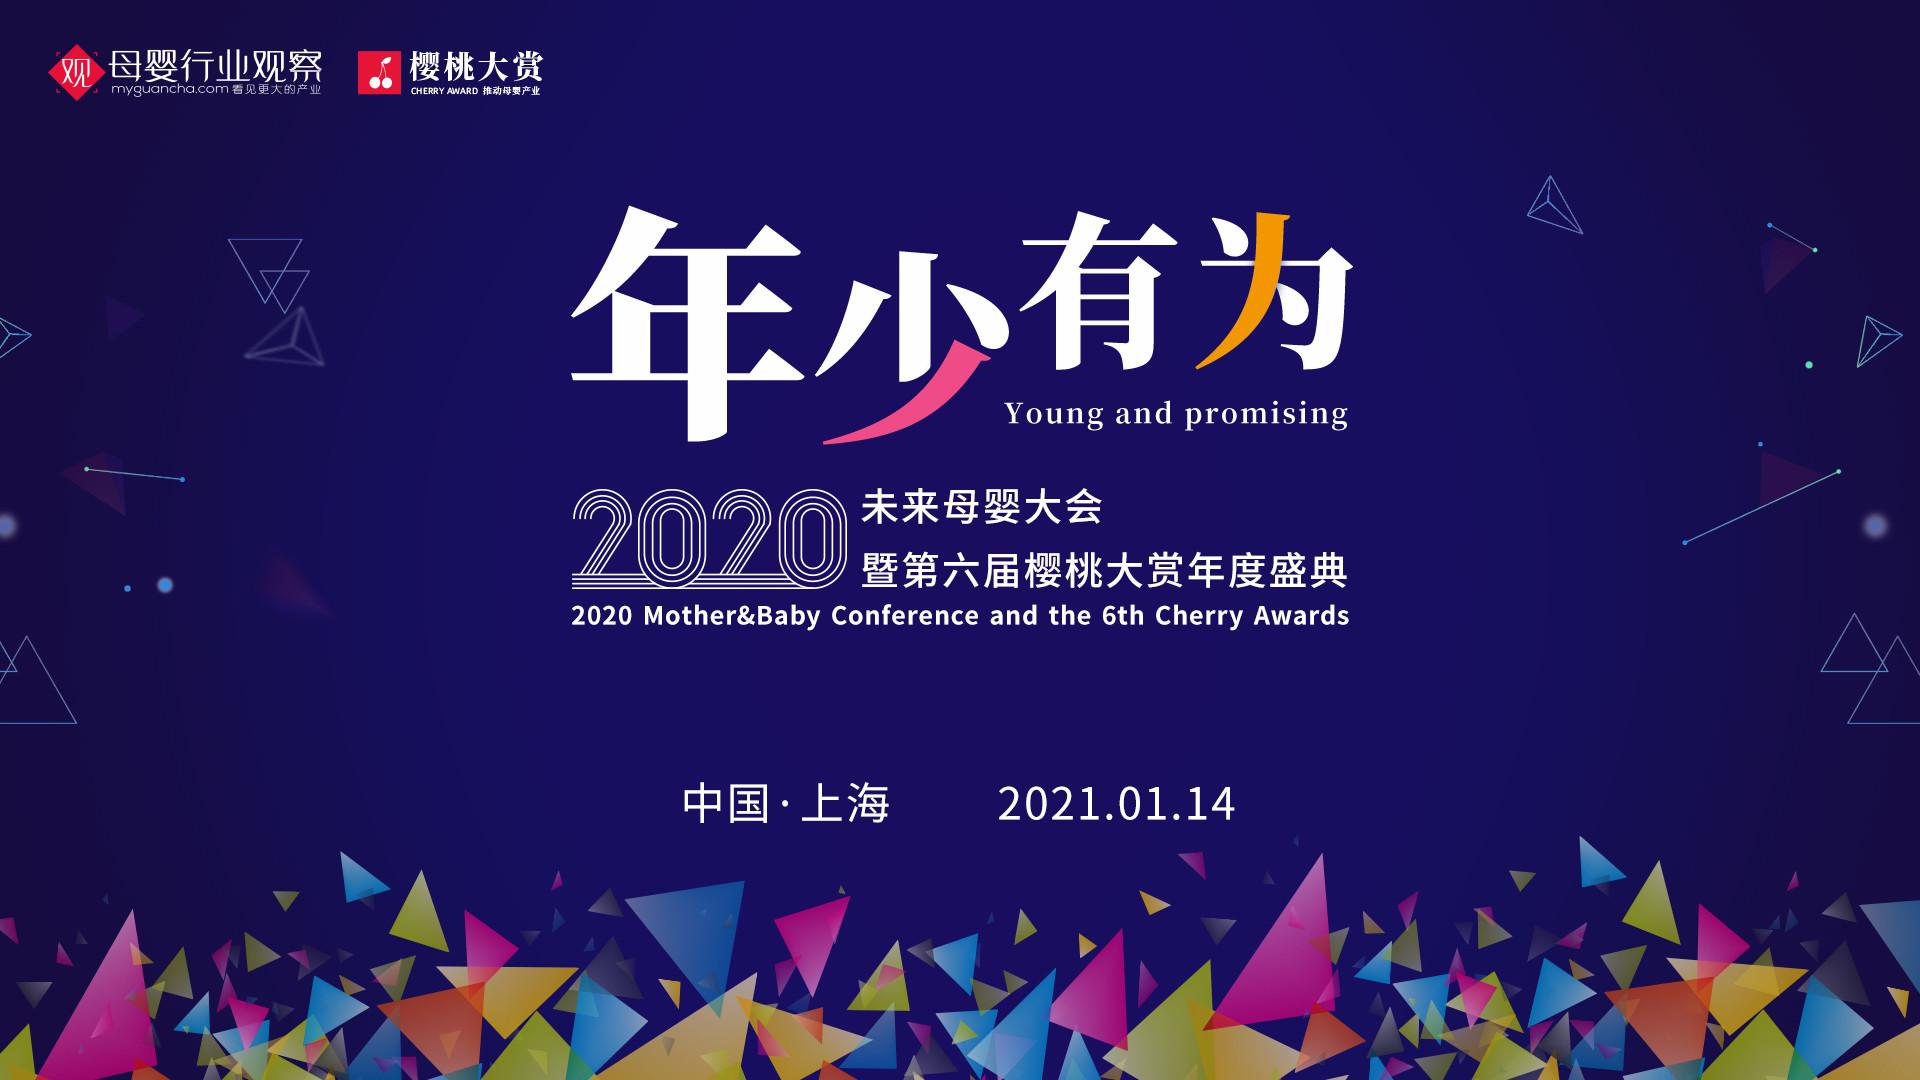 年少有為·2020未來母嬰大會暨第六屆櫻桃大賞年度盛典重磅來襲